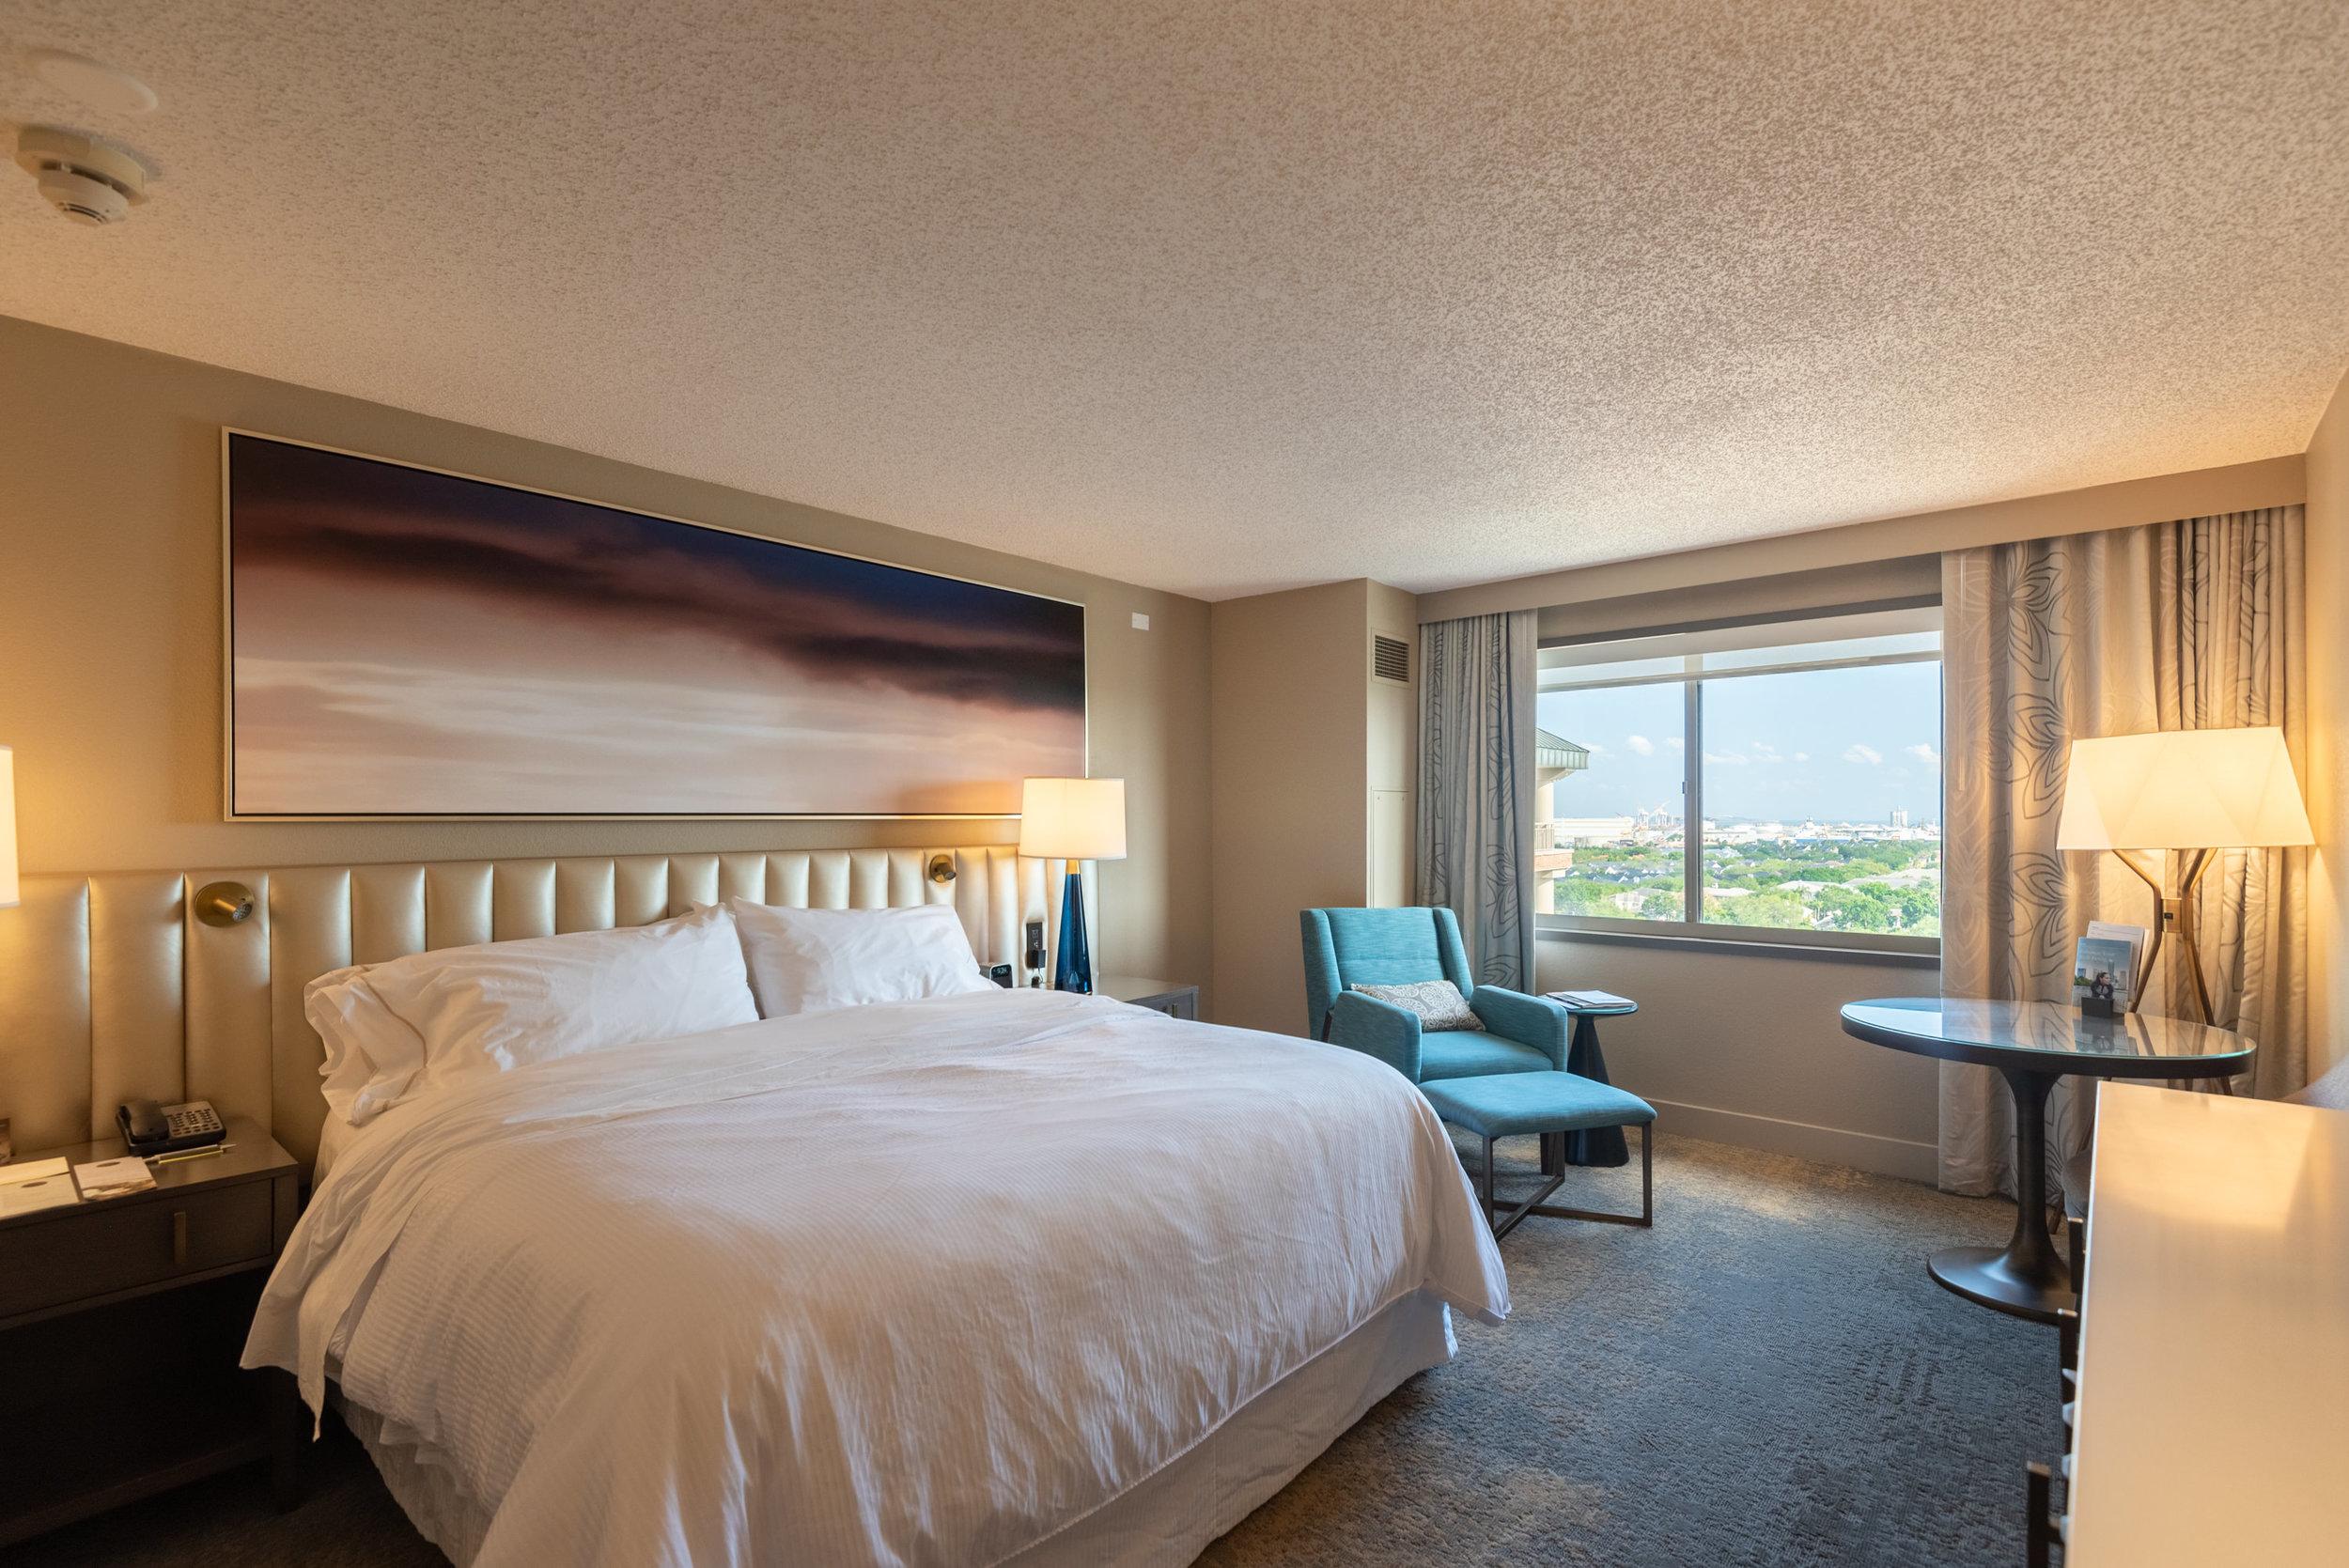 Bedroom  Waterview Room - The Westin Tampa Waterside